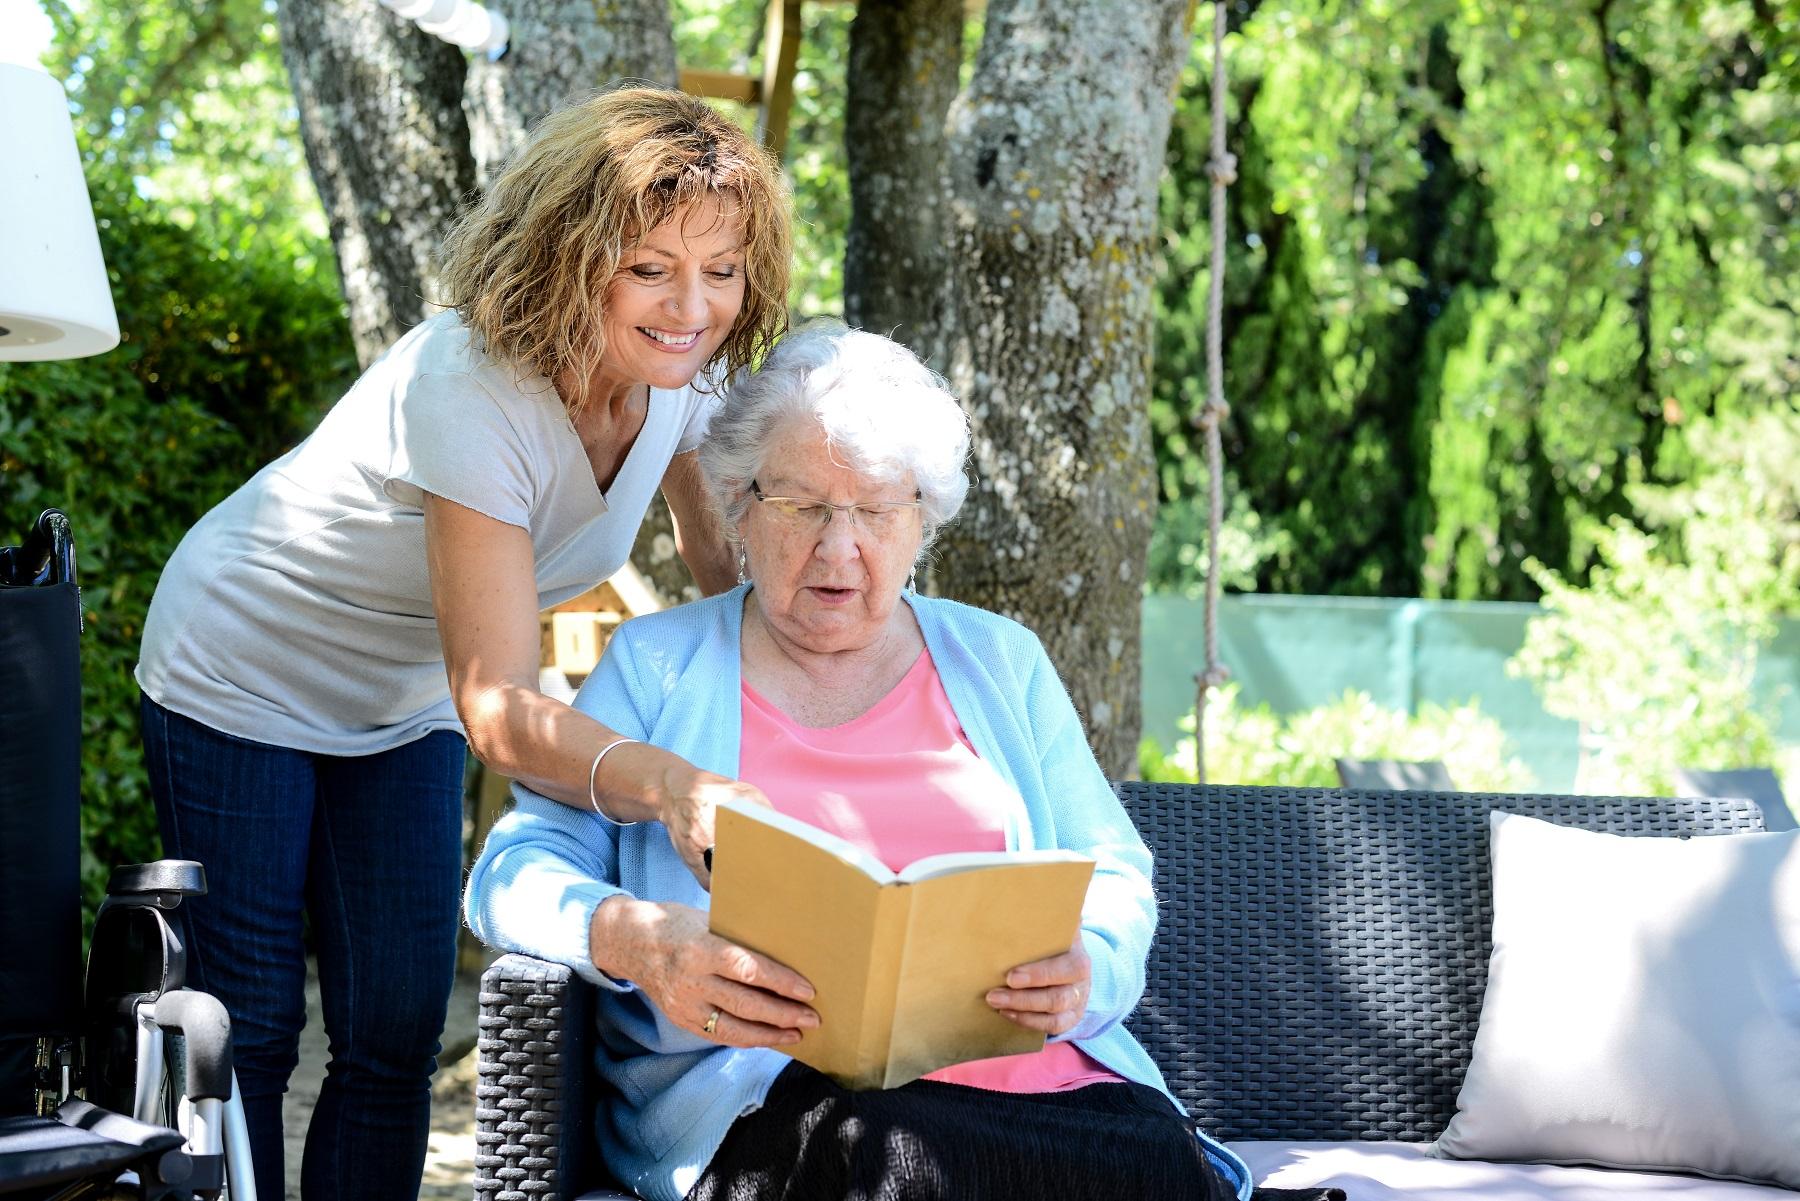 L'accueil familial, une nouvelle solution d'hébergement pour personnes âgées